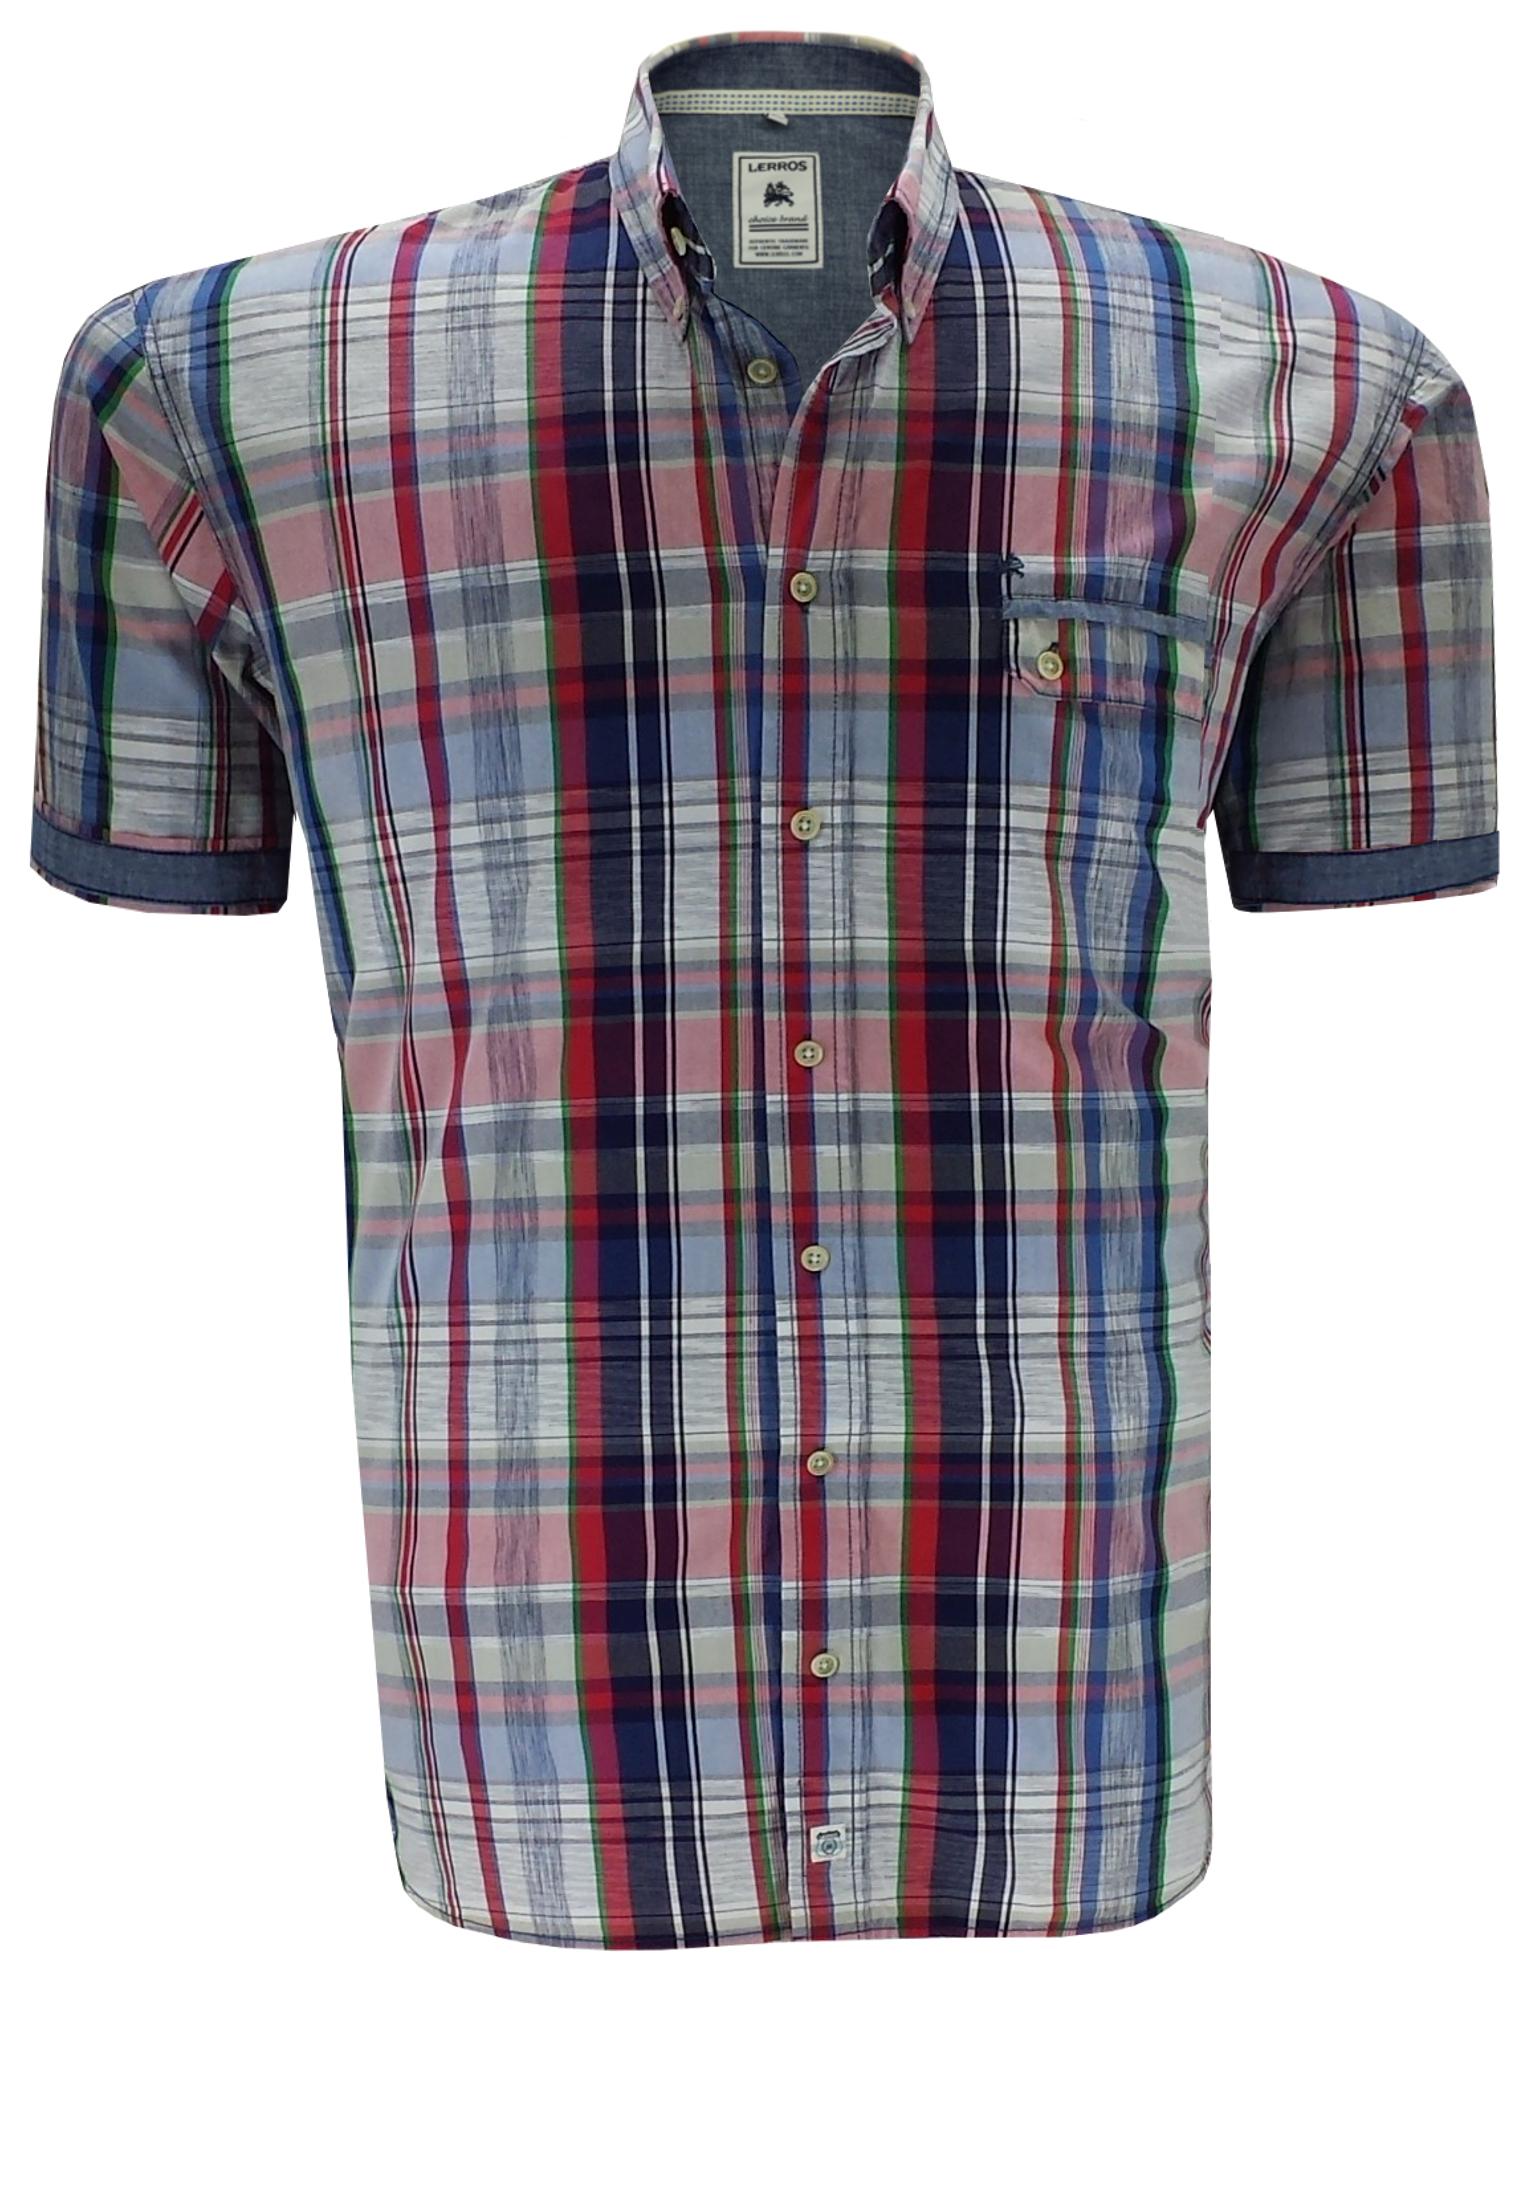 Sportief geruit overhemd met een siervol weggewerkt borstzakje met dubbele knoopsluiting, een buttondown kraag en een contrasterende effen stof in de schouderpass en in de omslag van de mouwen. Het overhemd is rond afgezoomd.